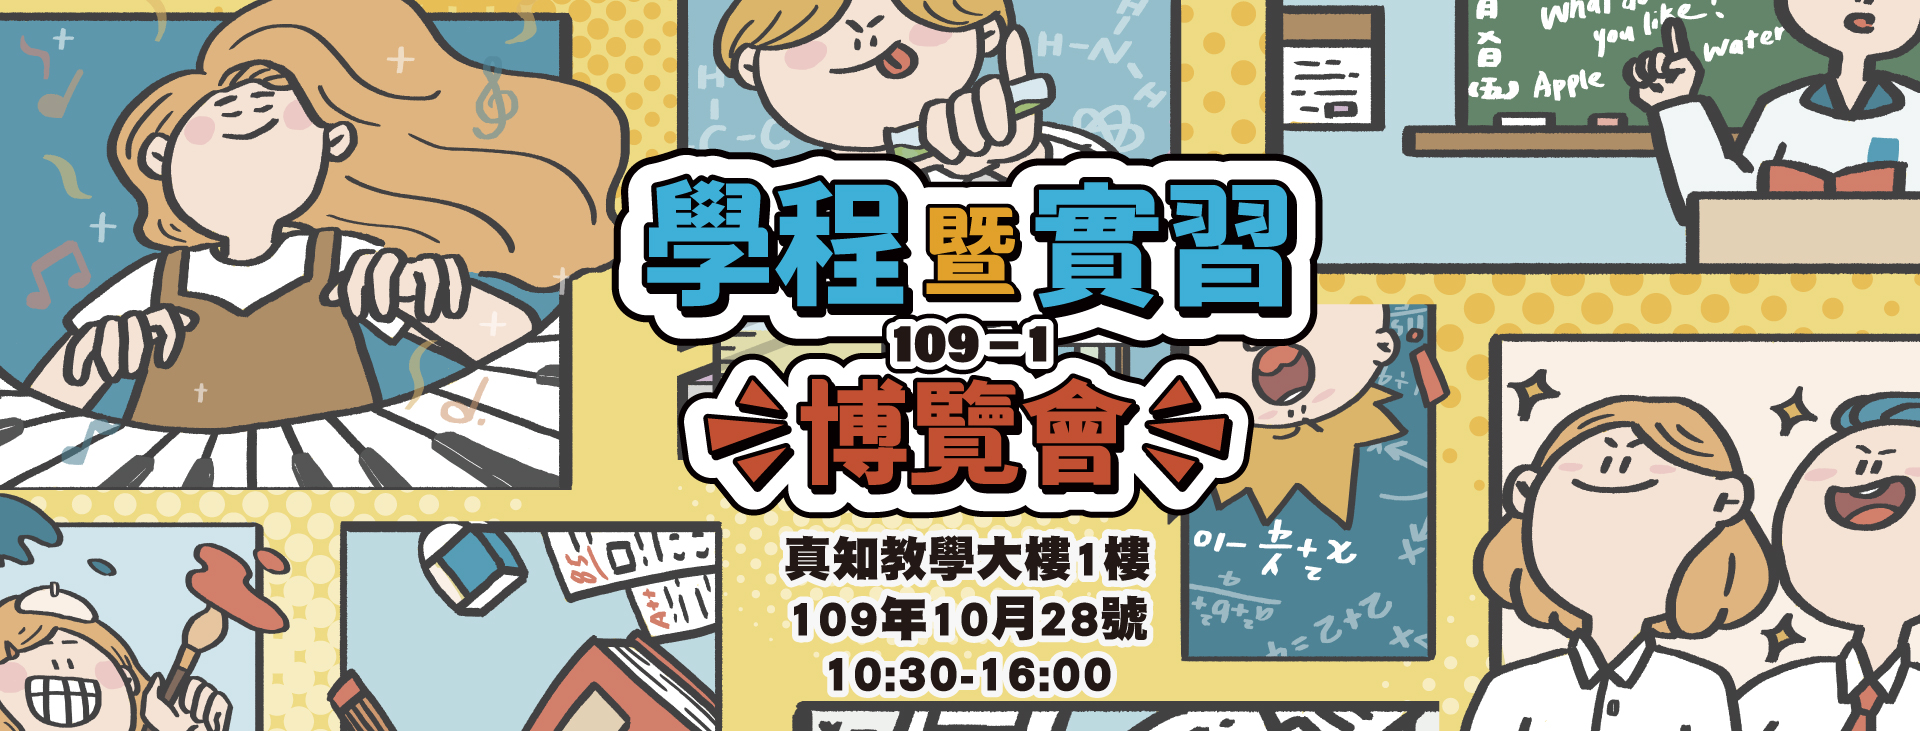 109-1學程暨實習博覽會